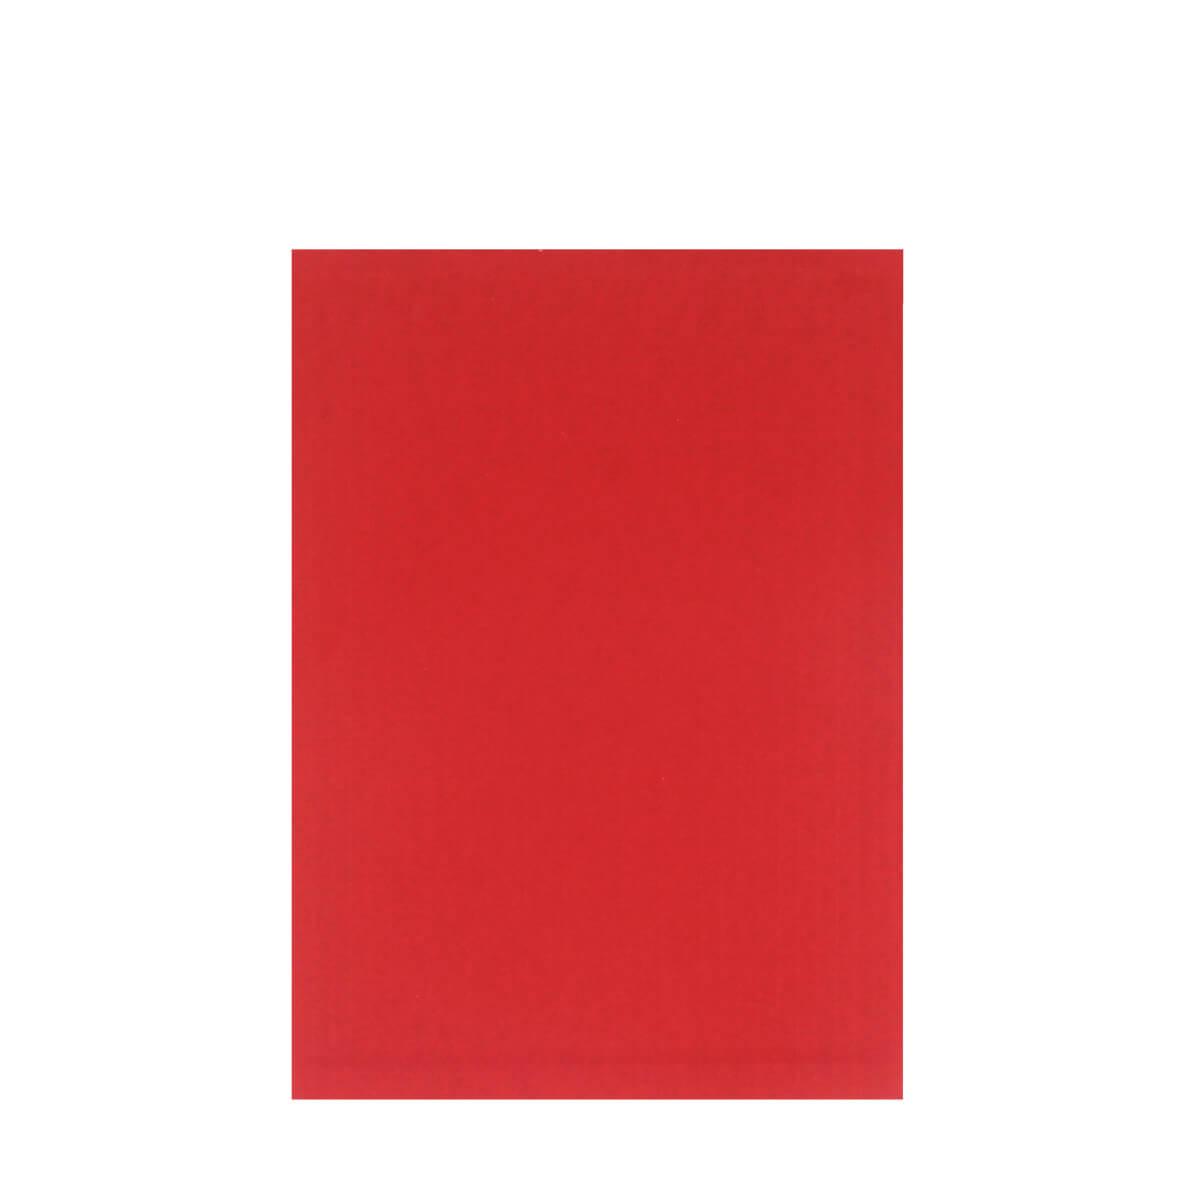 265 x 180mm RED PAPER PADDED ENVELOPES